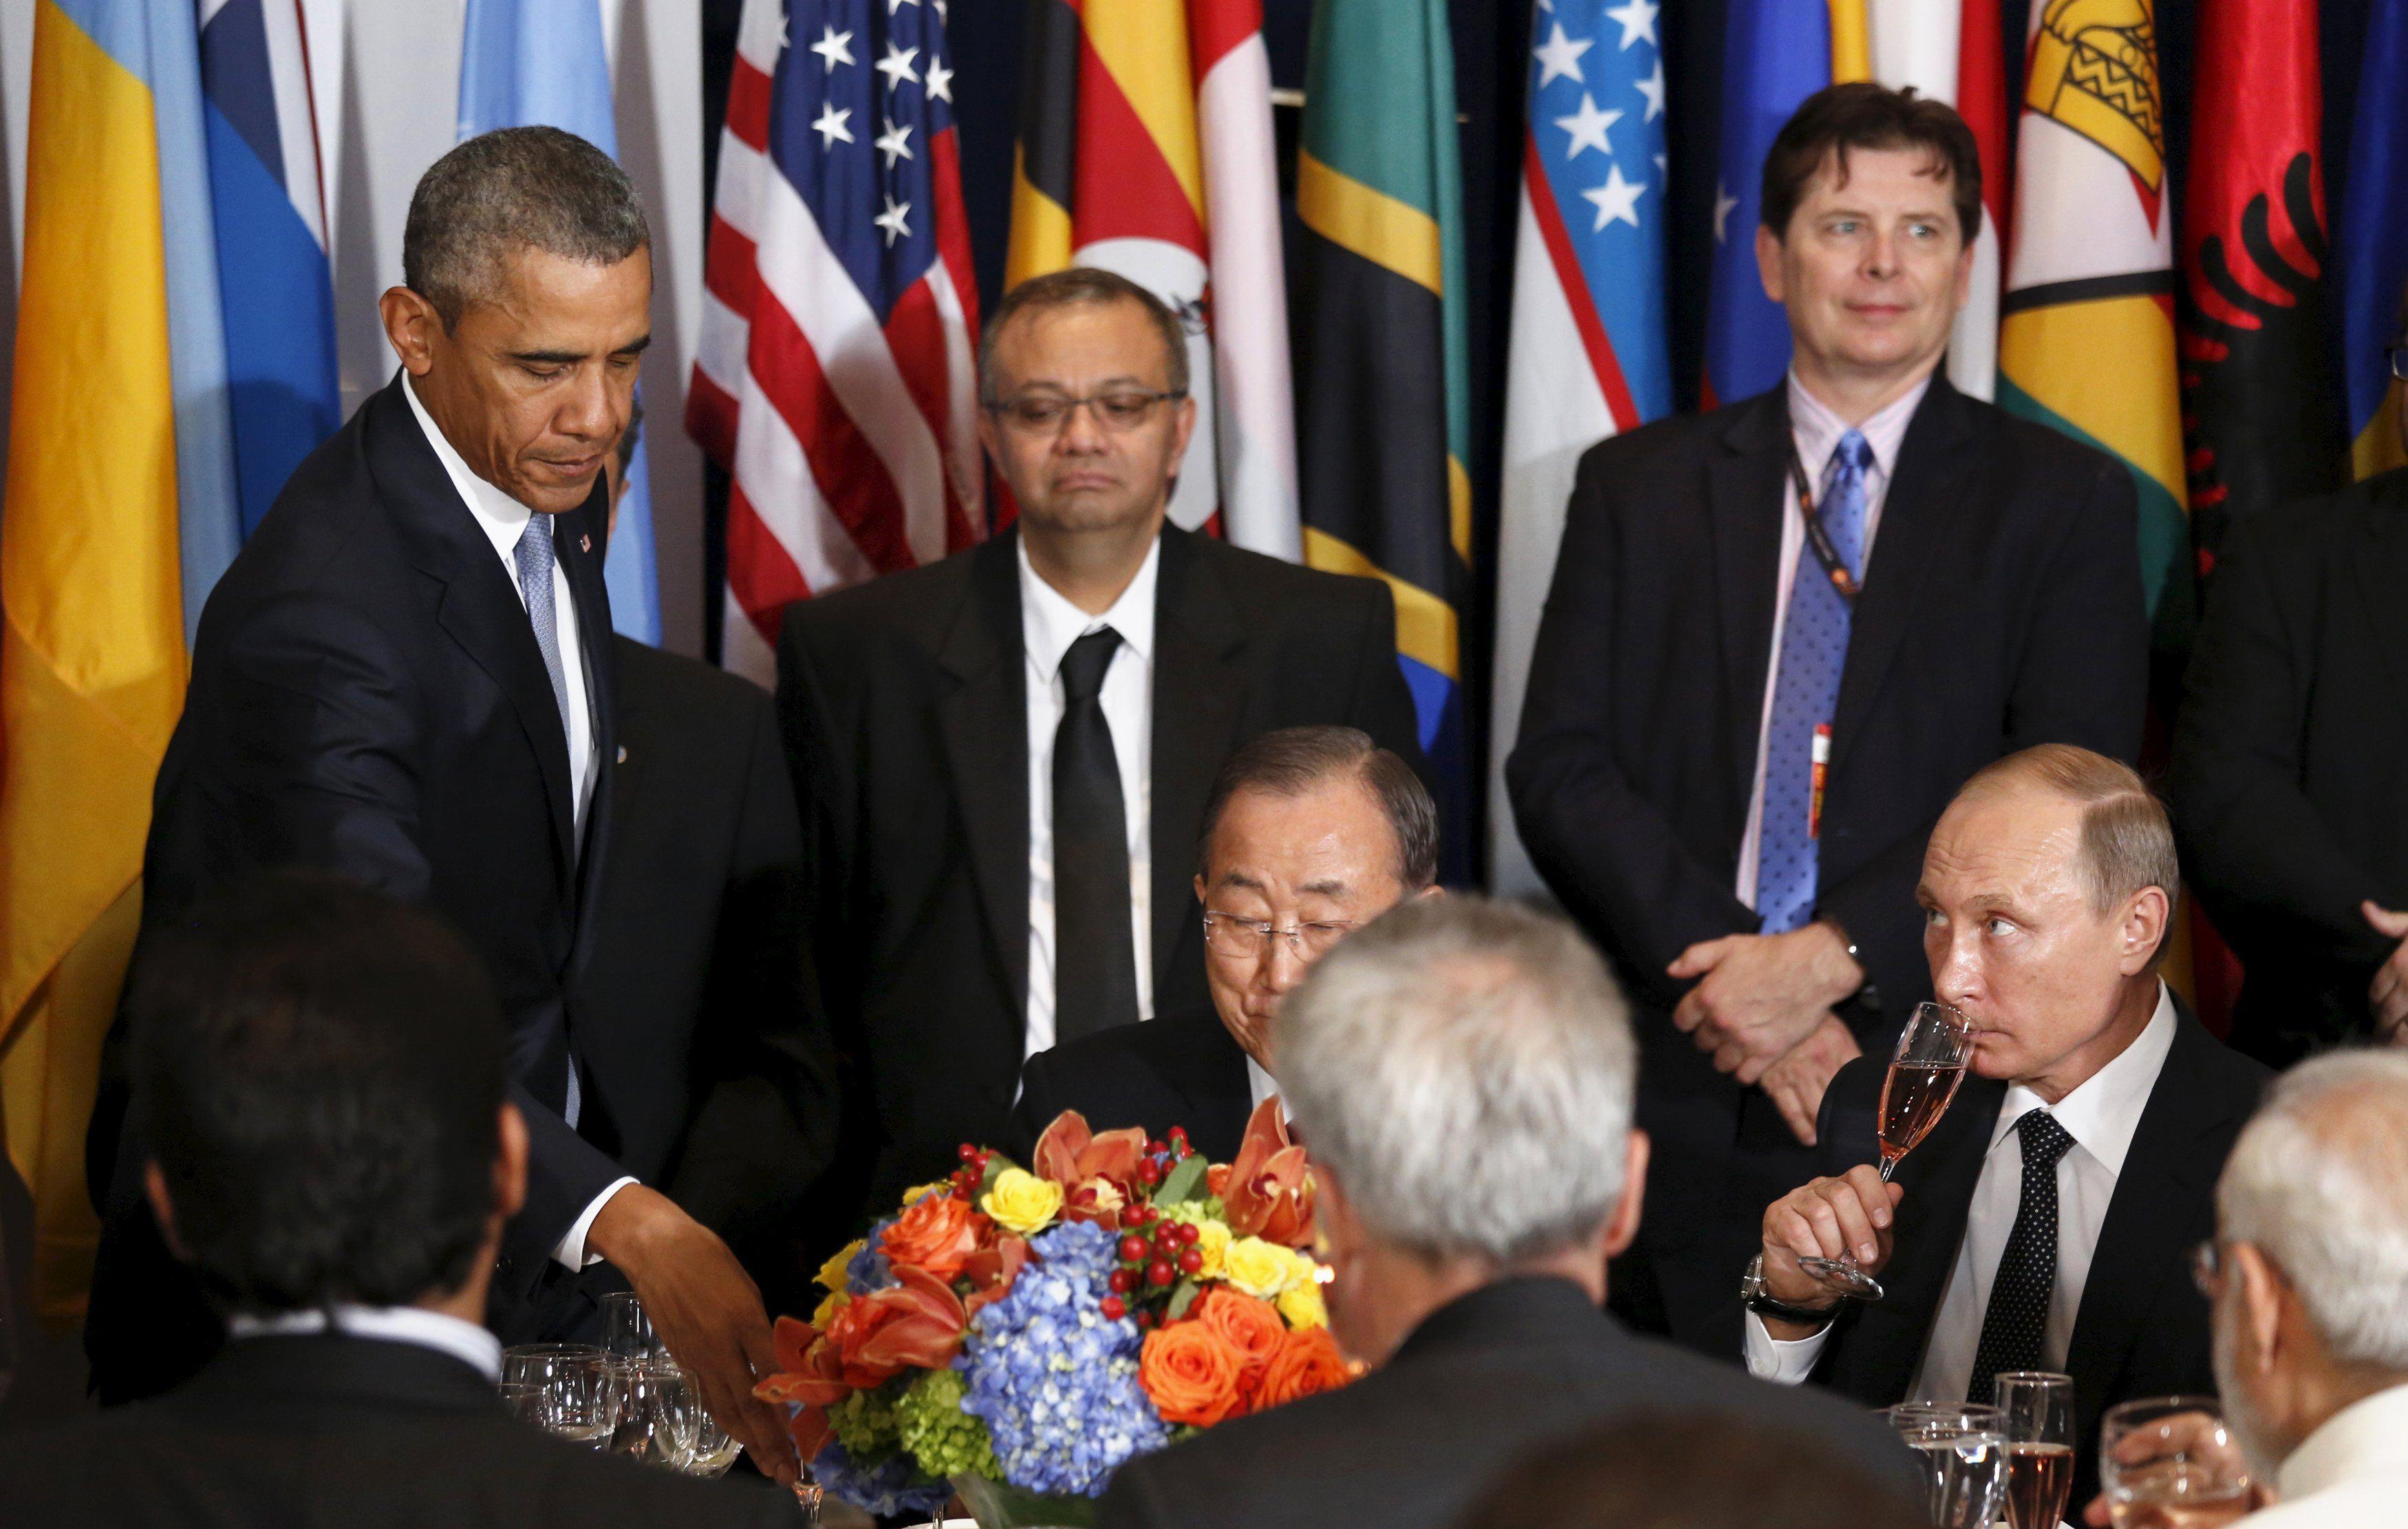 Обама и Путин на ланче в ООН